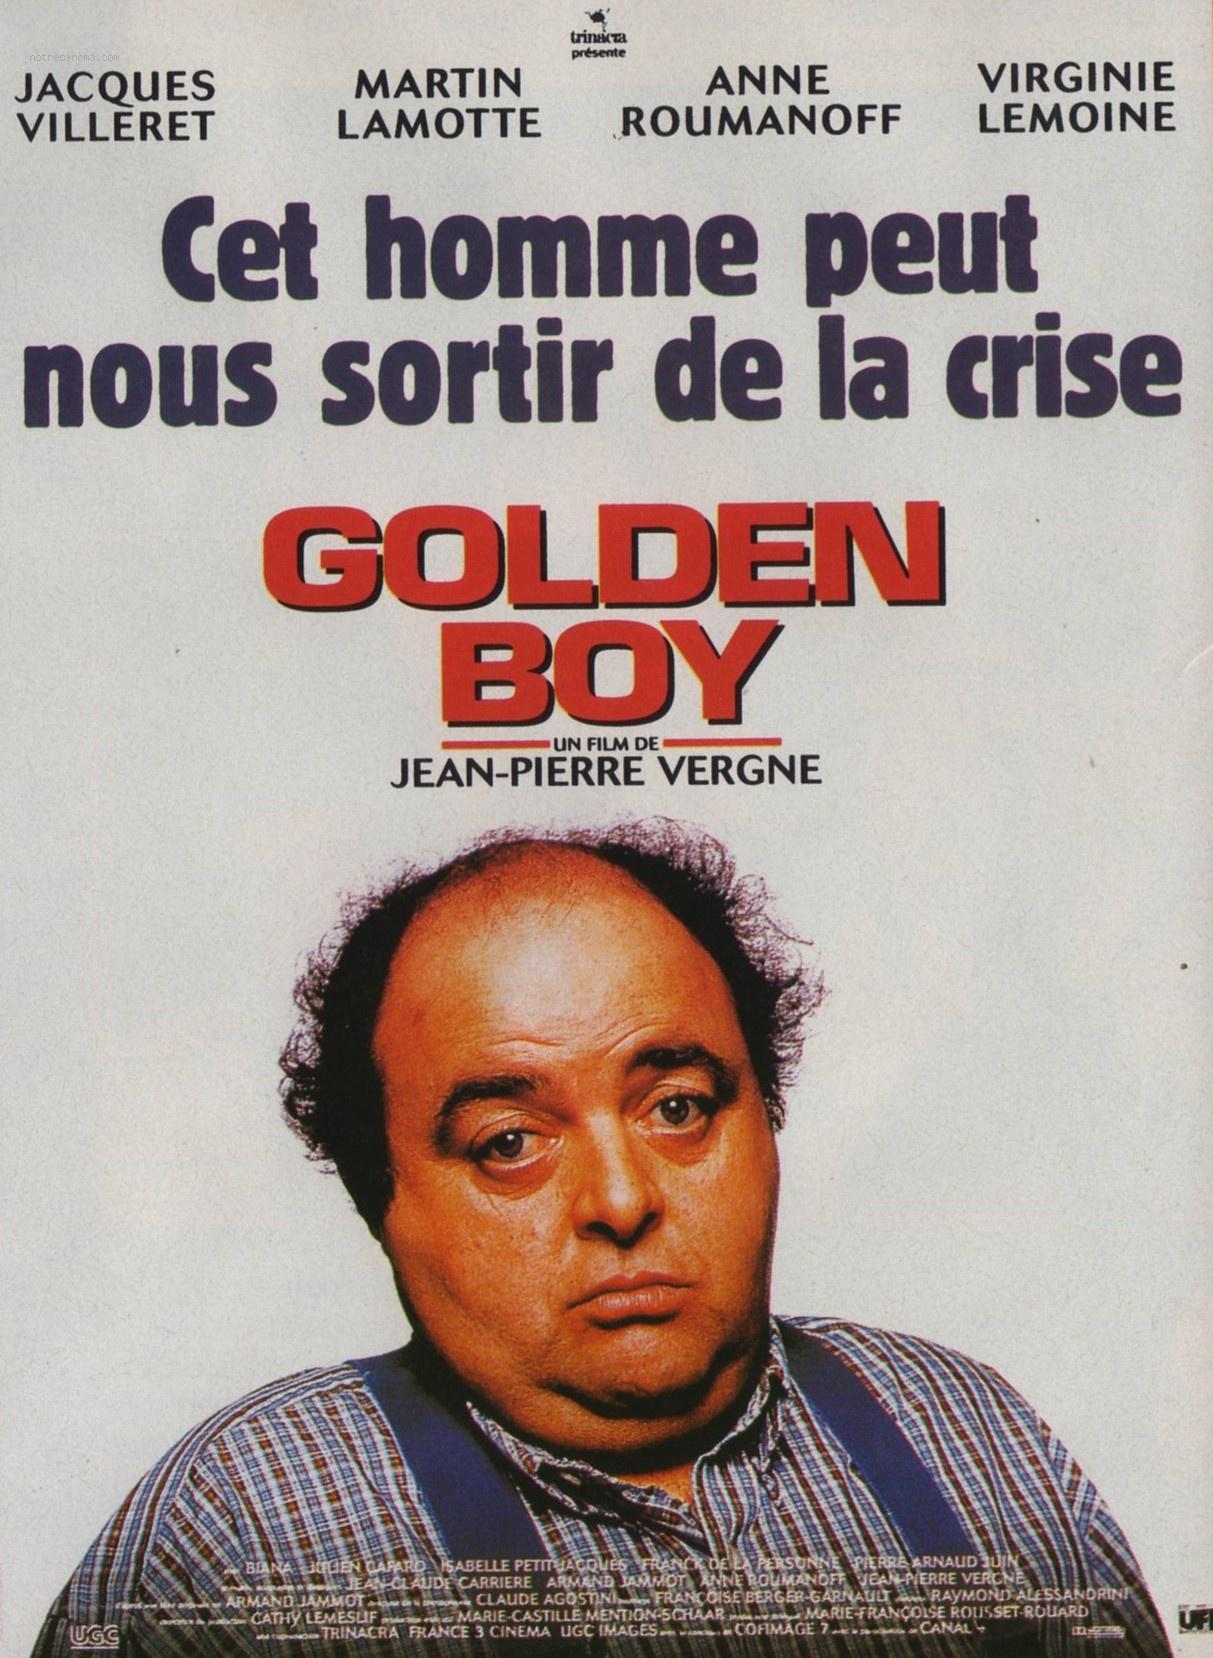 affiche du film Golden boy